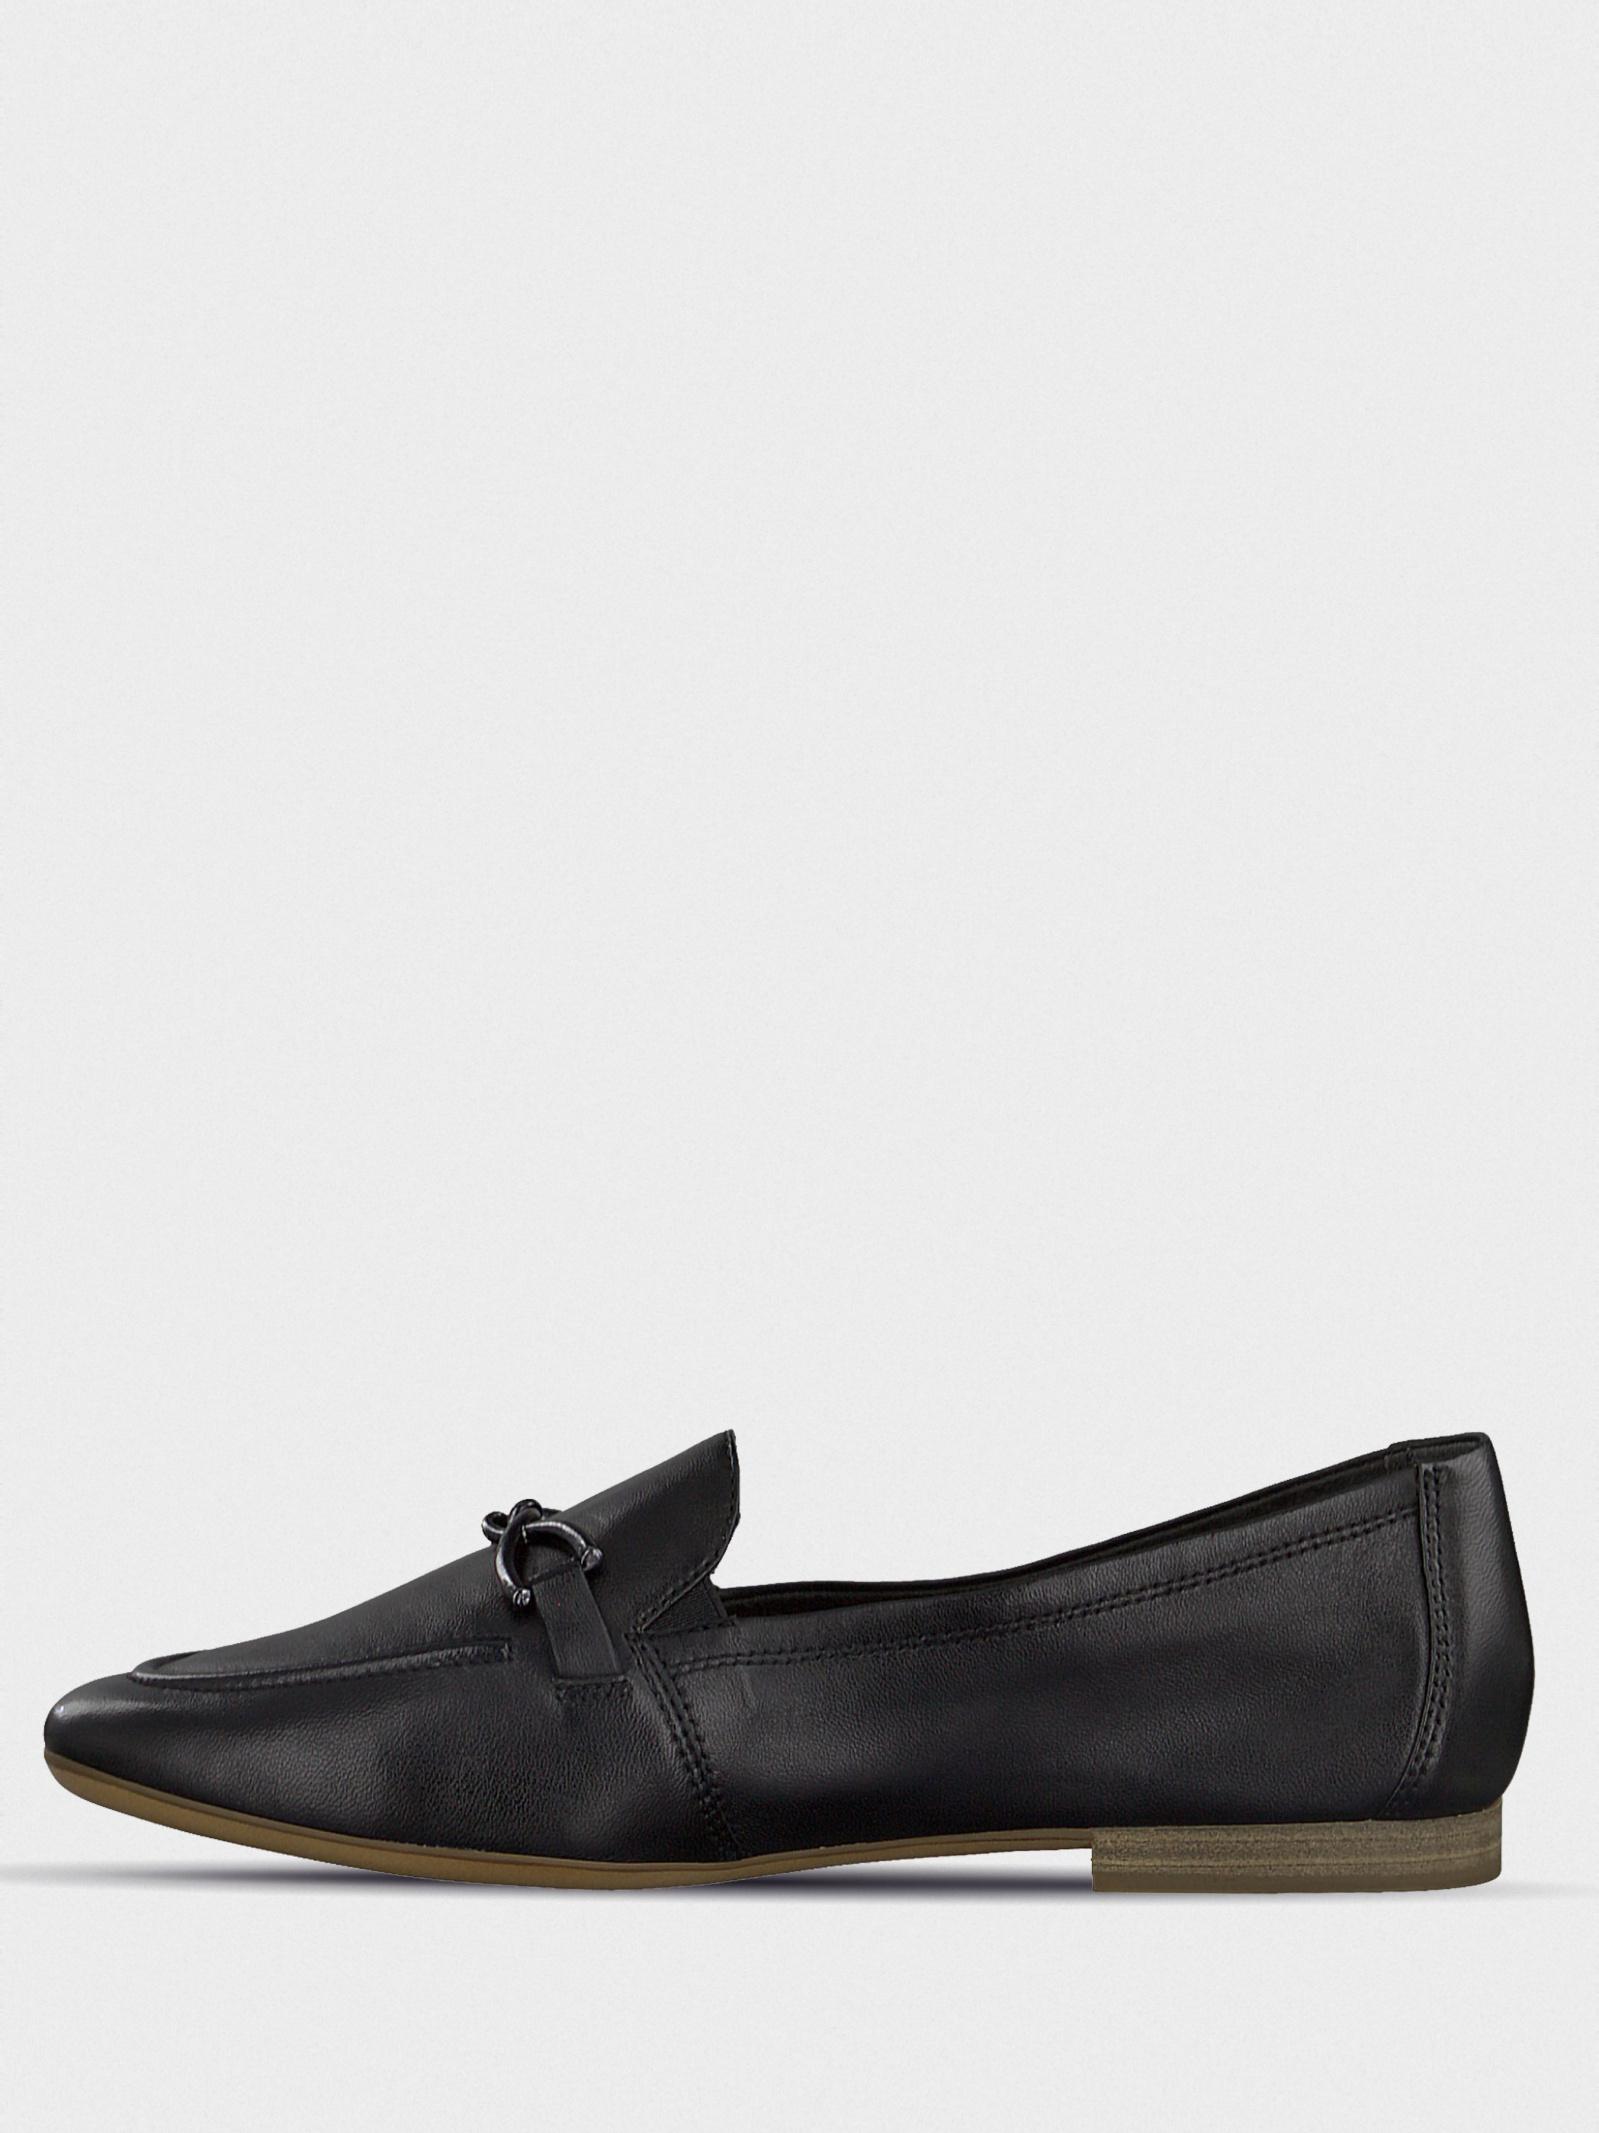 Туфли для женщин Tamaris IS734 цена, 2017